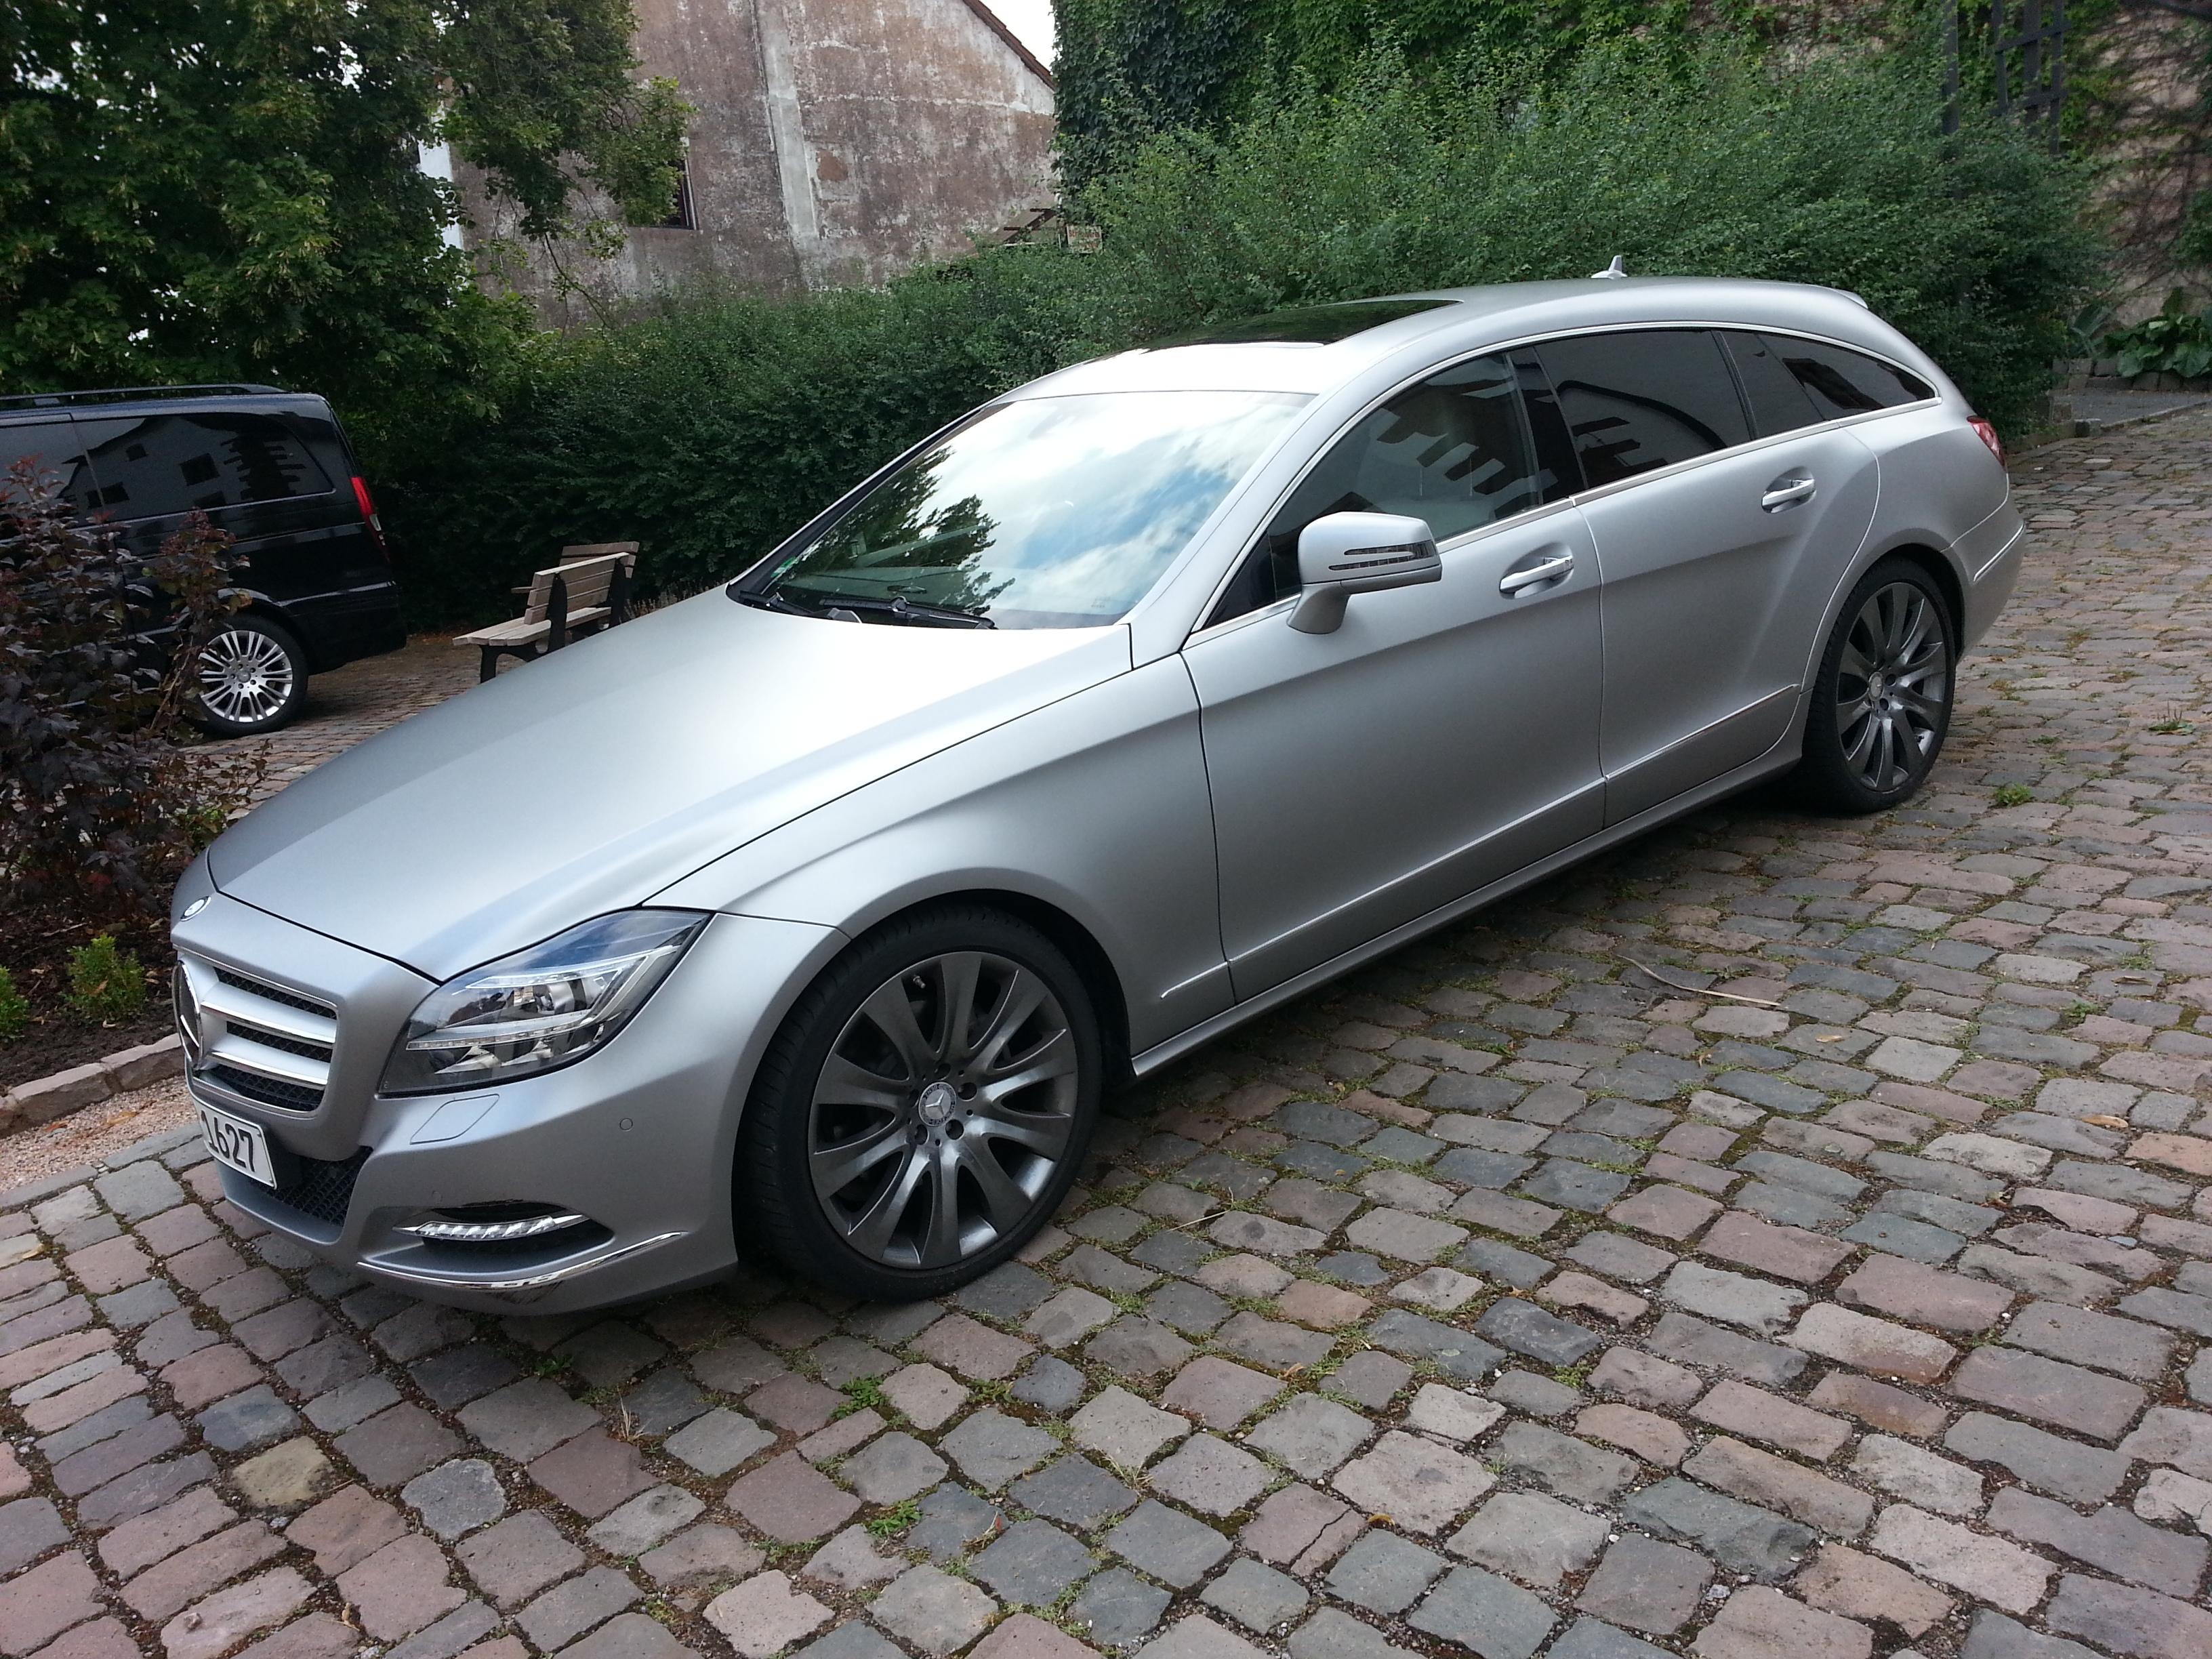 Mercedes-Benz CLS 250 CDI Shooting Brake